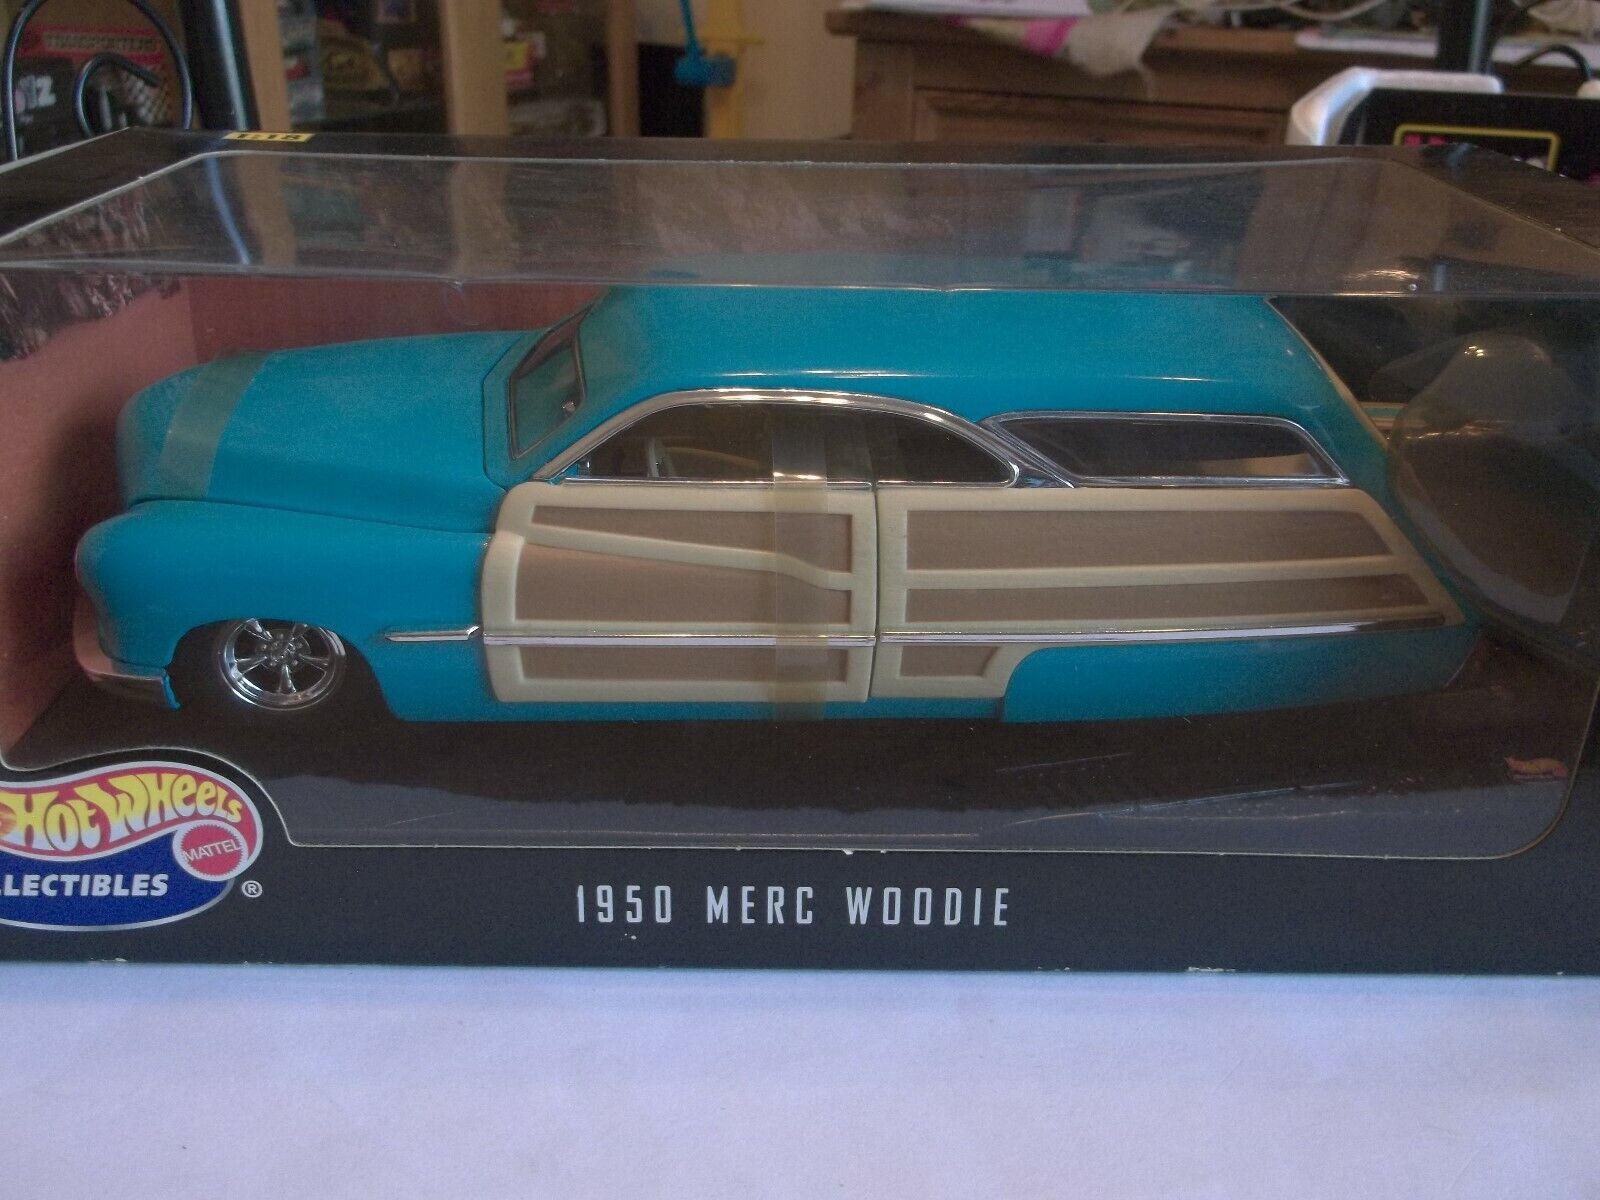 Hot Wheels 27806 - 1950 Merc Woodie-Nuevo En Caja Sellada 1 18 Escala Excelente